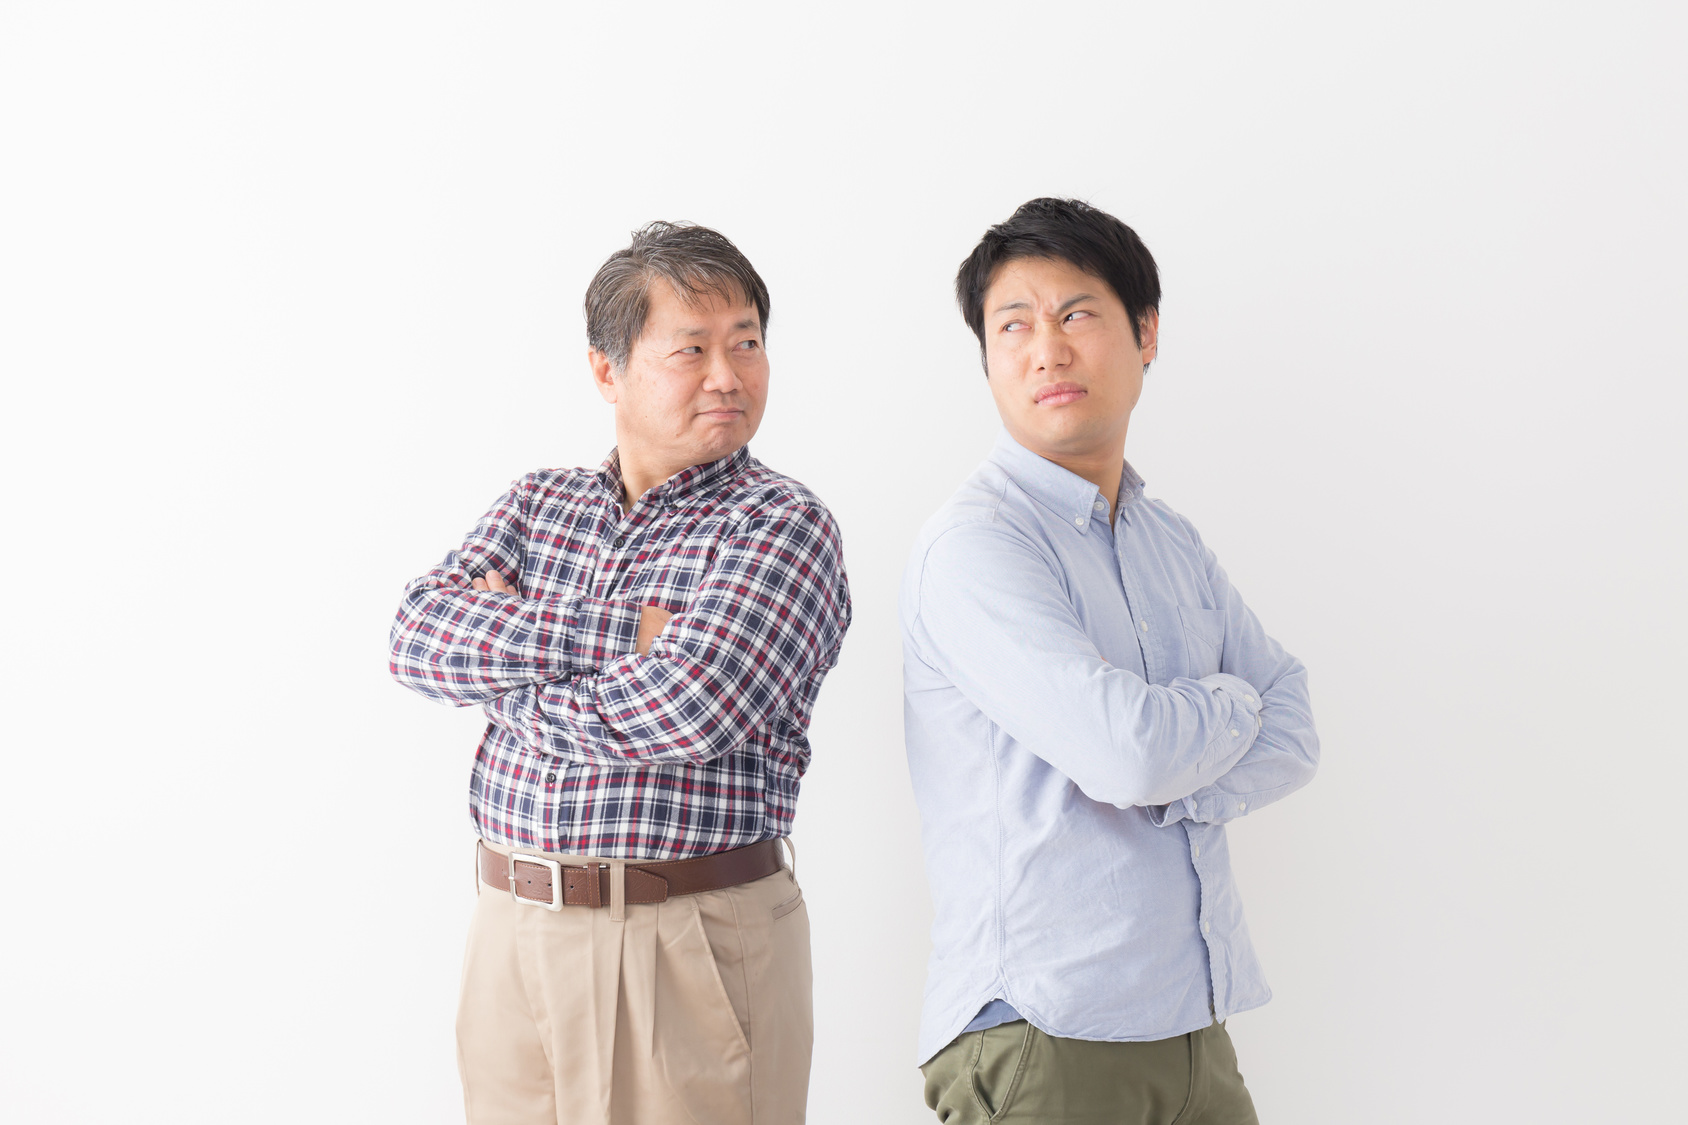 【父は75歳、開業40年】患者数が少なく困っている